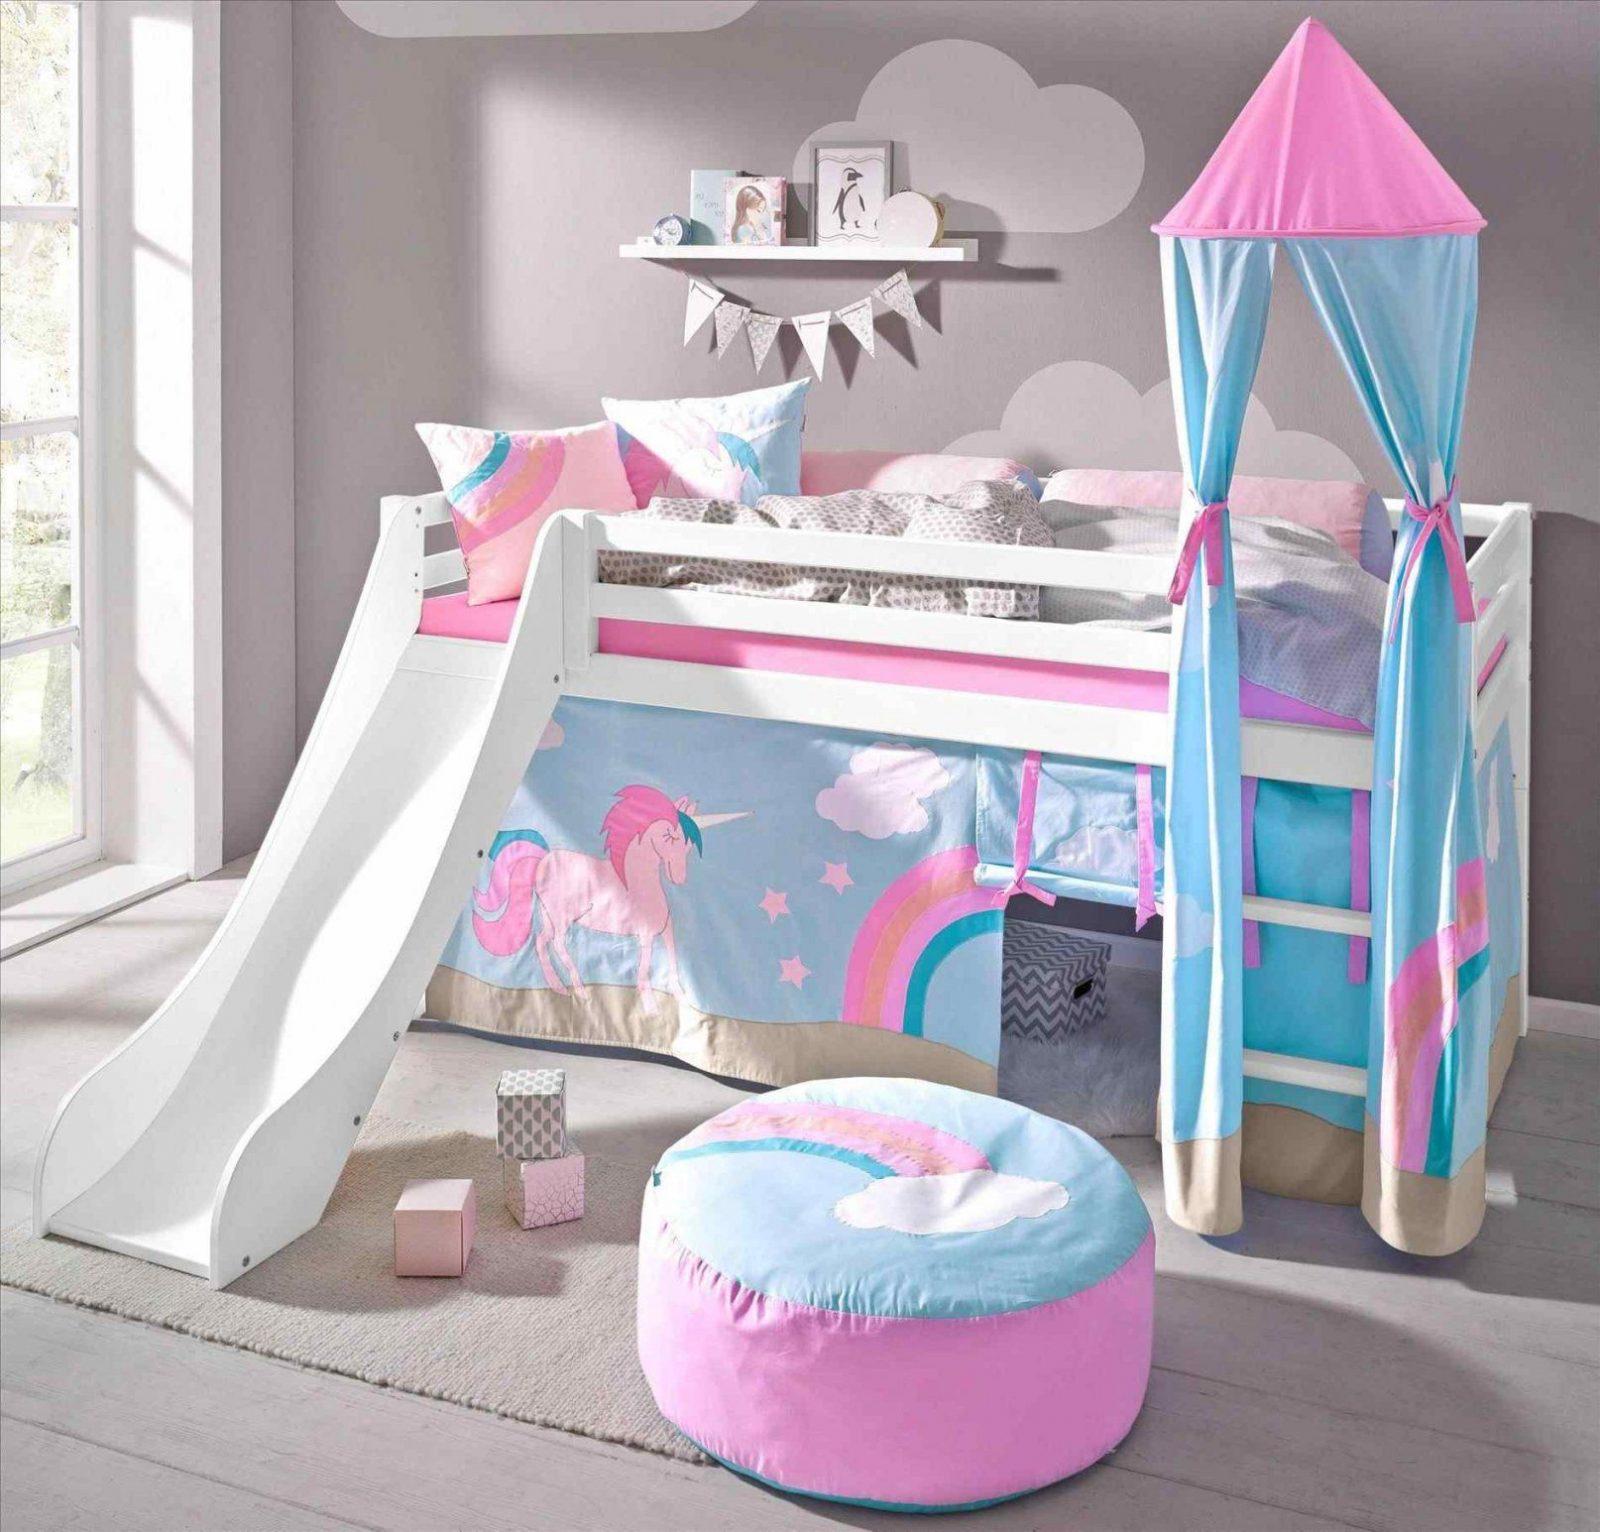 Bett Tunnel Selber Machen Best Affordable Affordable Kopfteil Bett von Tunnel Für Kinderbett Selber Machen Bild